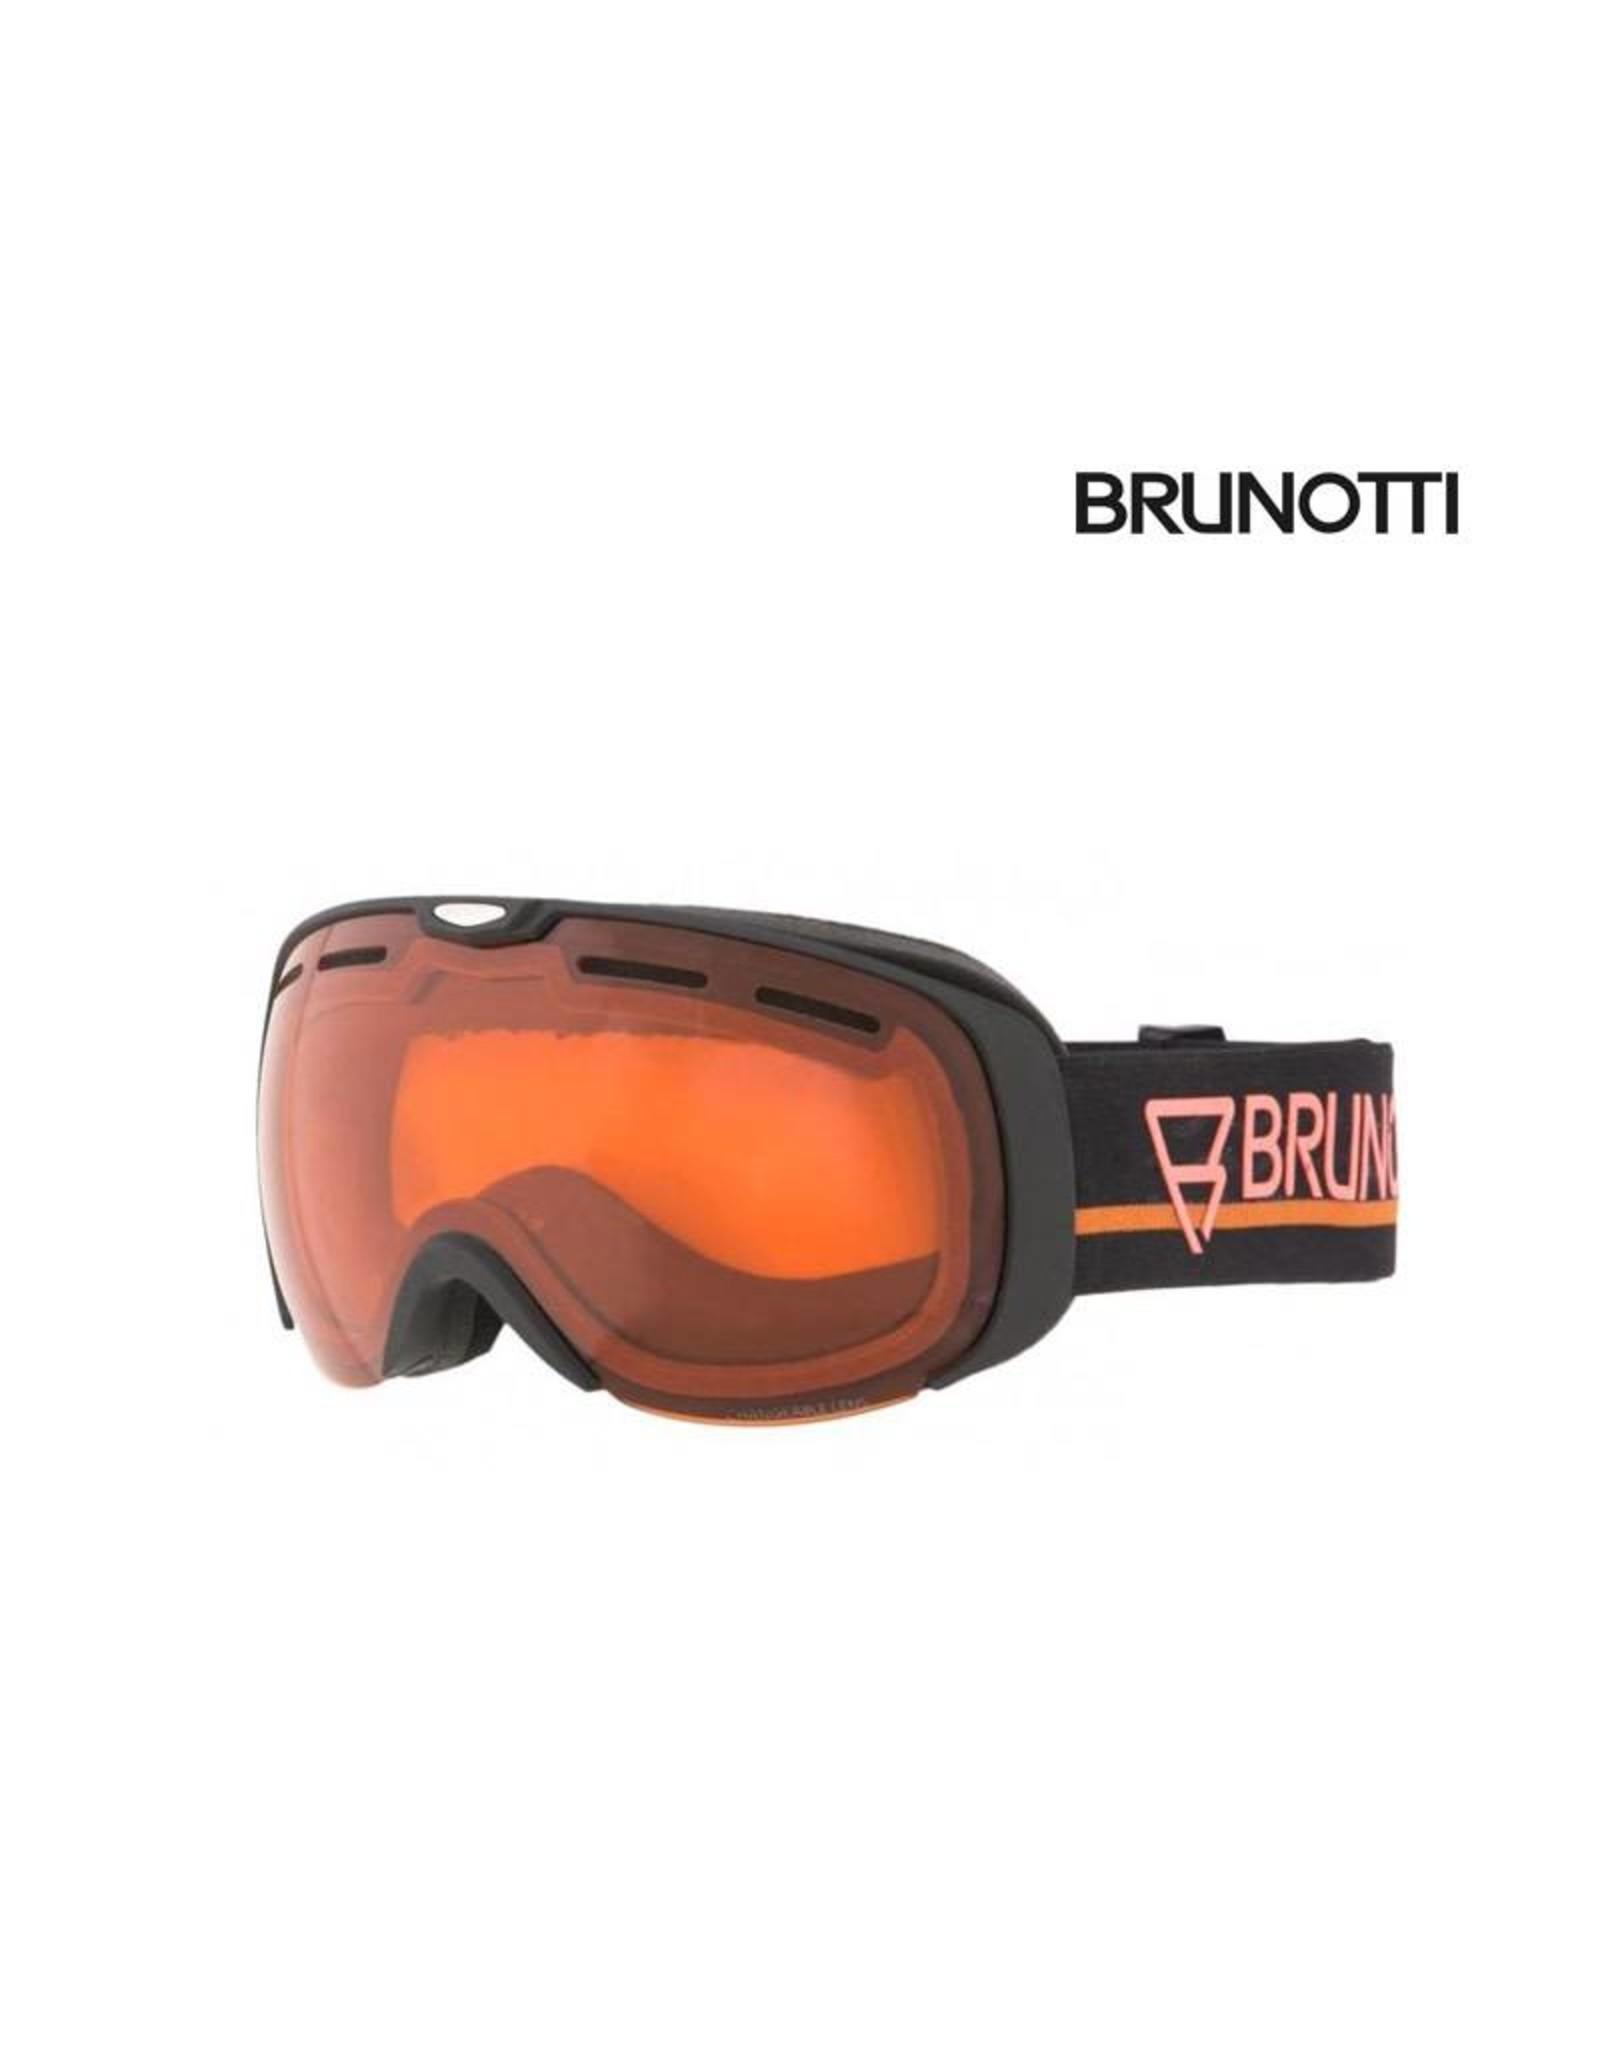 BRUNOTTI SKIBRIL BRUNOTTI Deluxe 3 Unisex Black